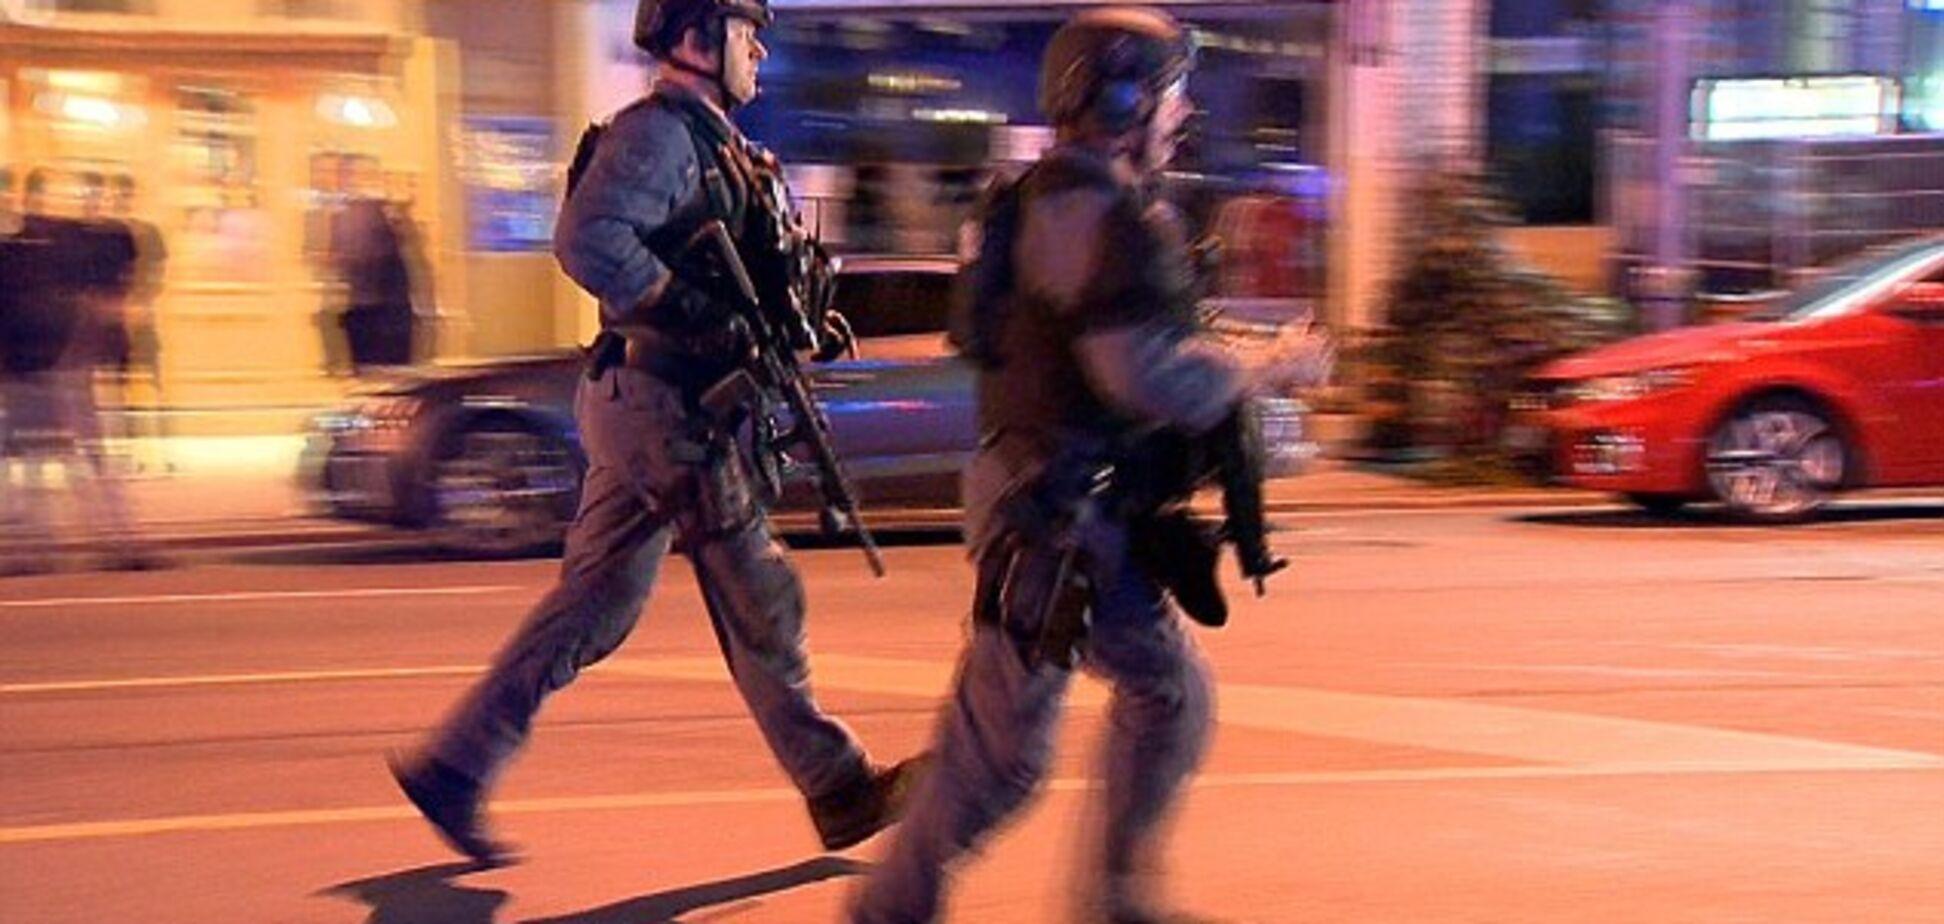 В Торонто неизвестный расстрелял людей в торговом центре